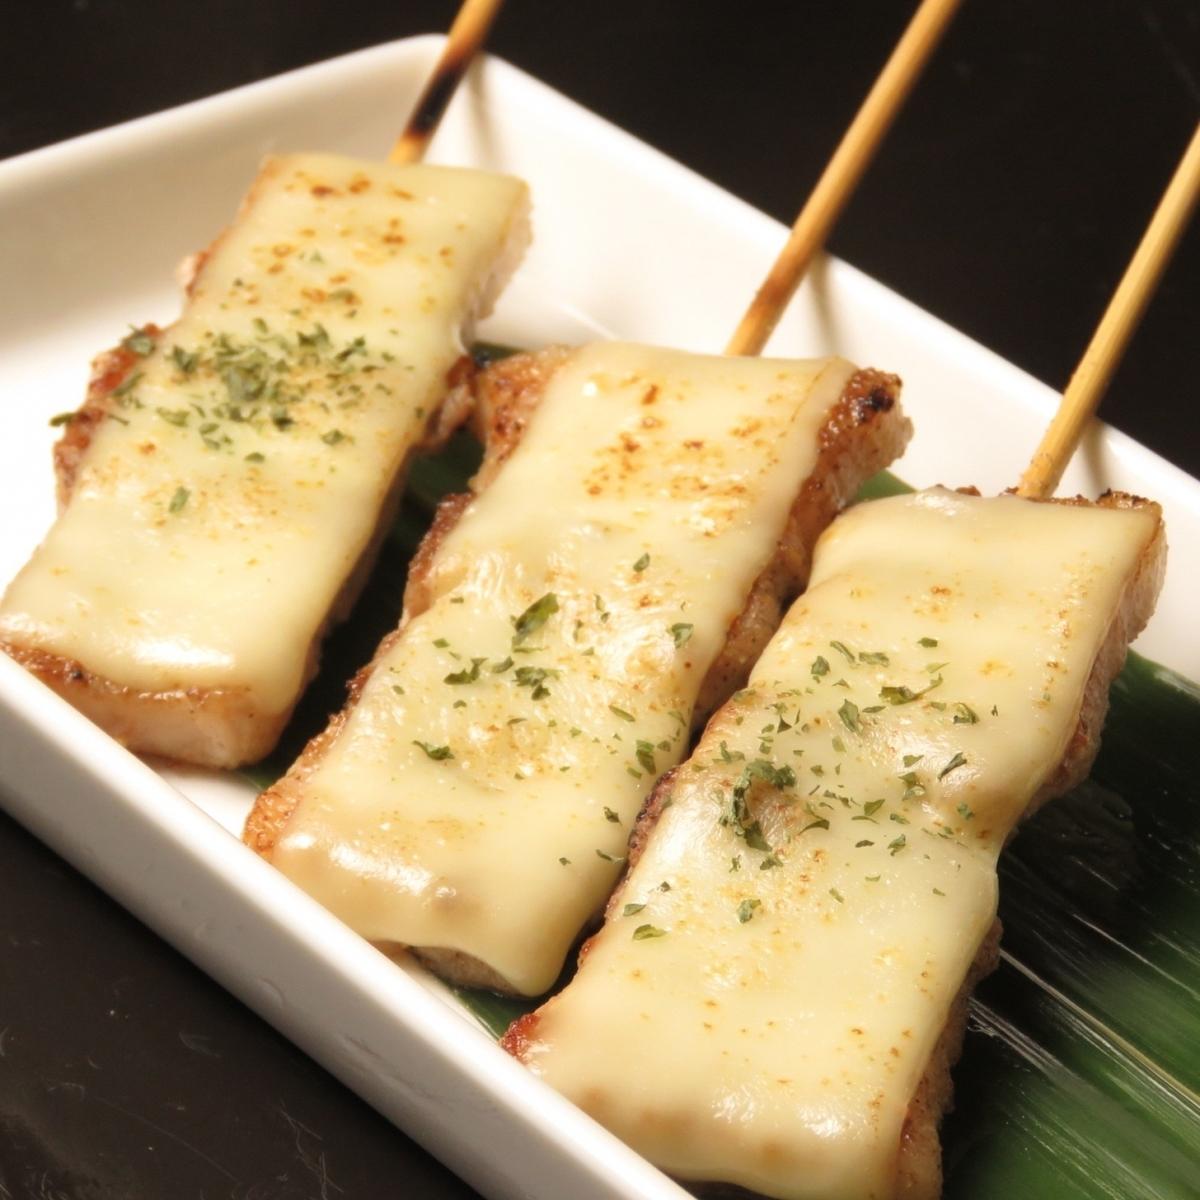 豚バラ(チーズのせ)/とり身(塩・タレ)/とり皮(塩・タレ)